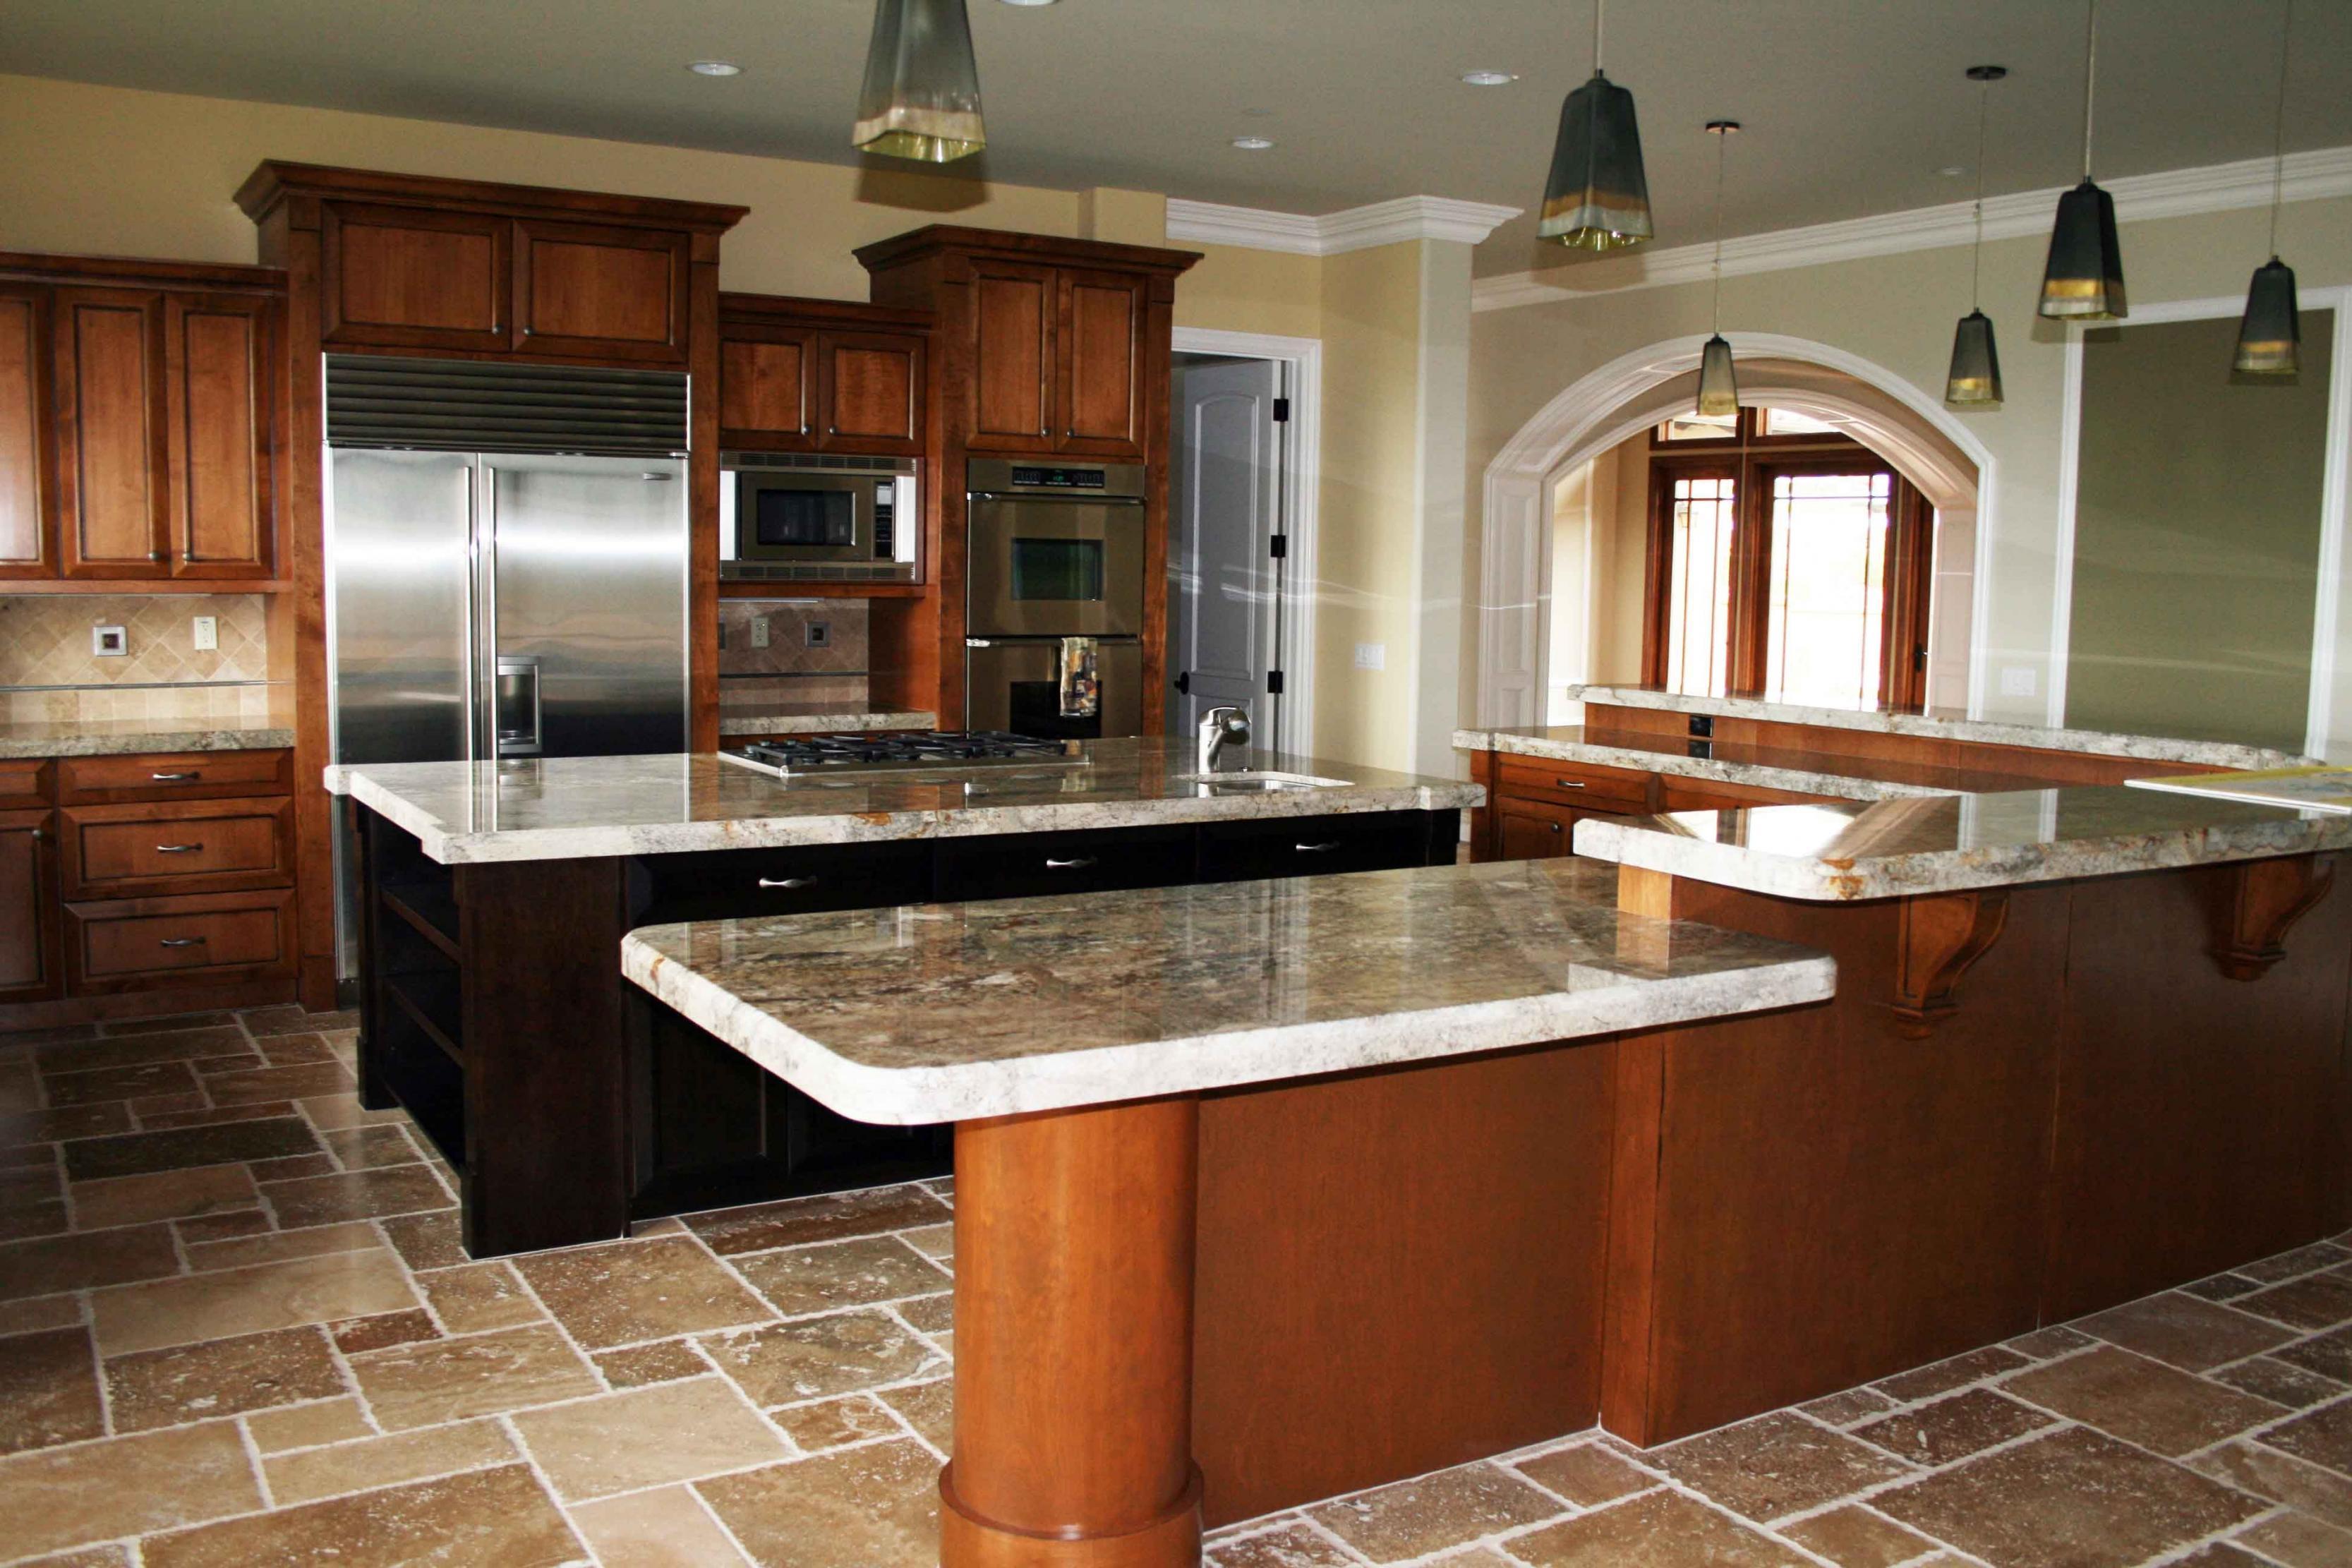 بالصور ديكور مطبخ , صممي مطبخك على ذوقك انتي وزوجك 5276 22